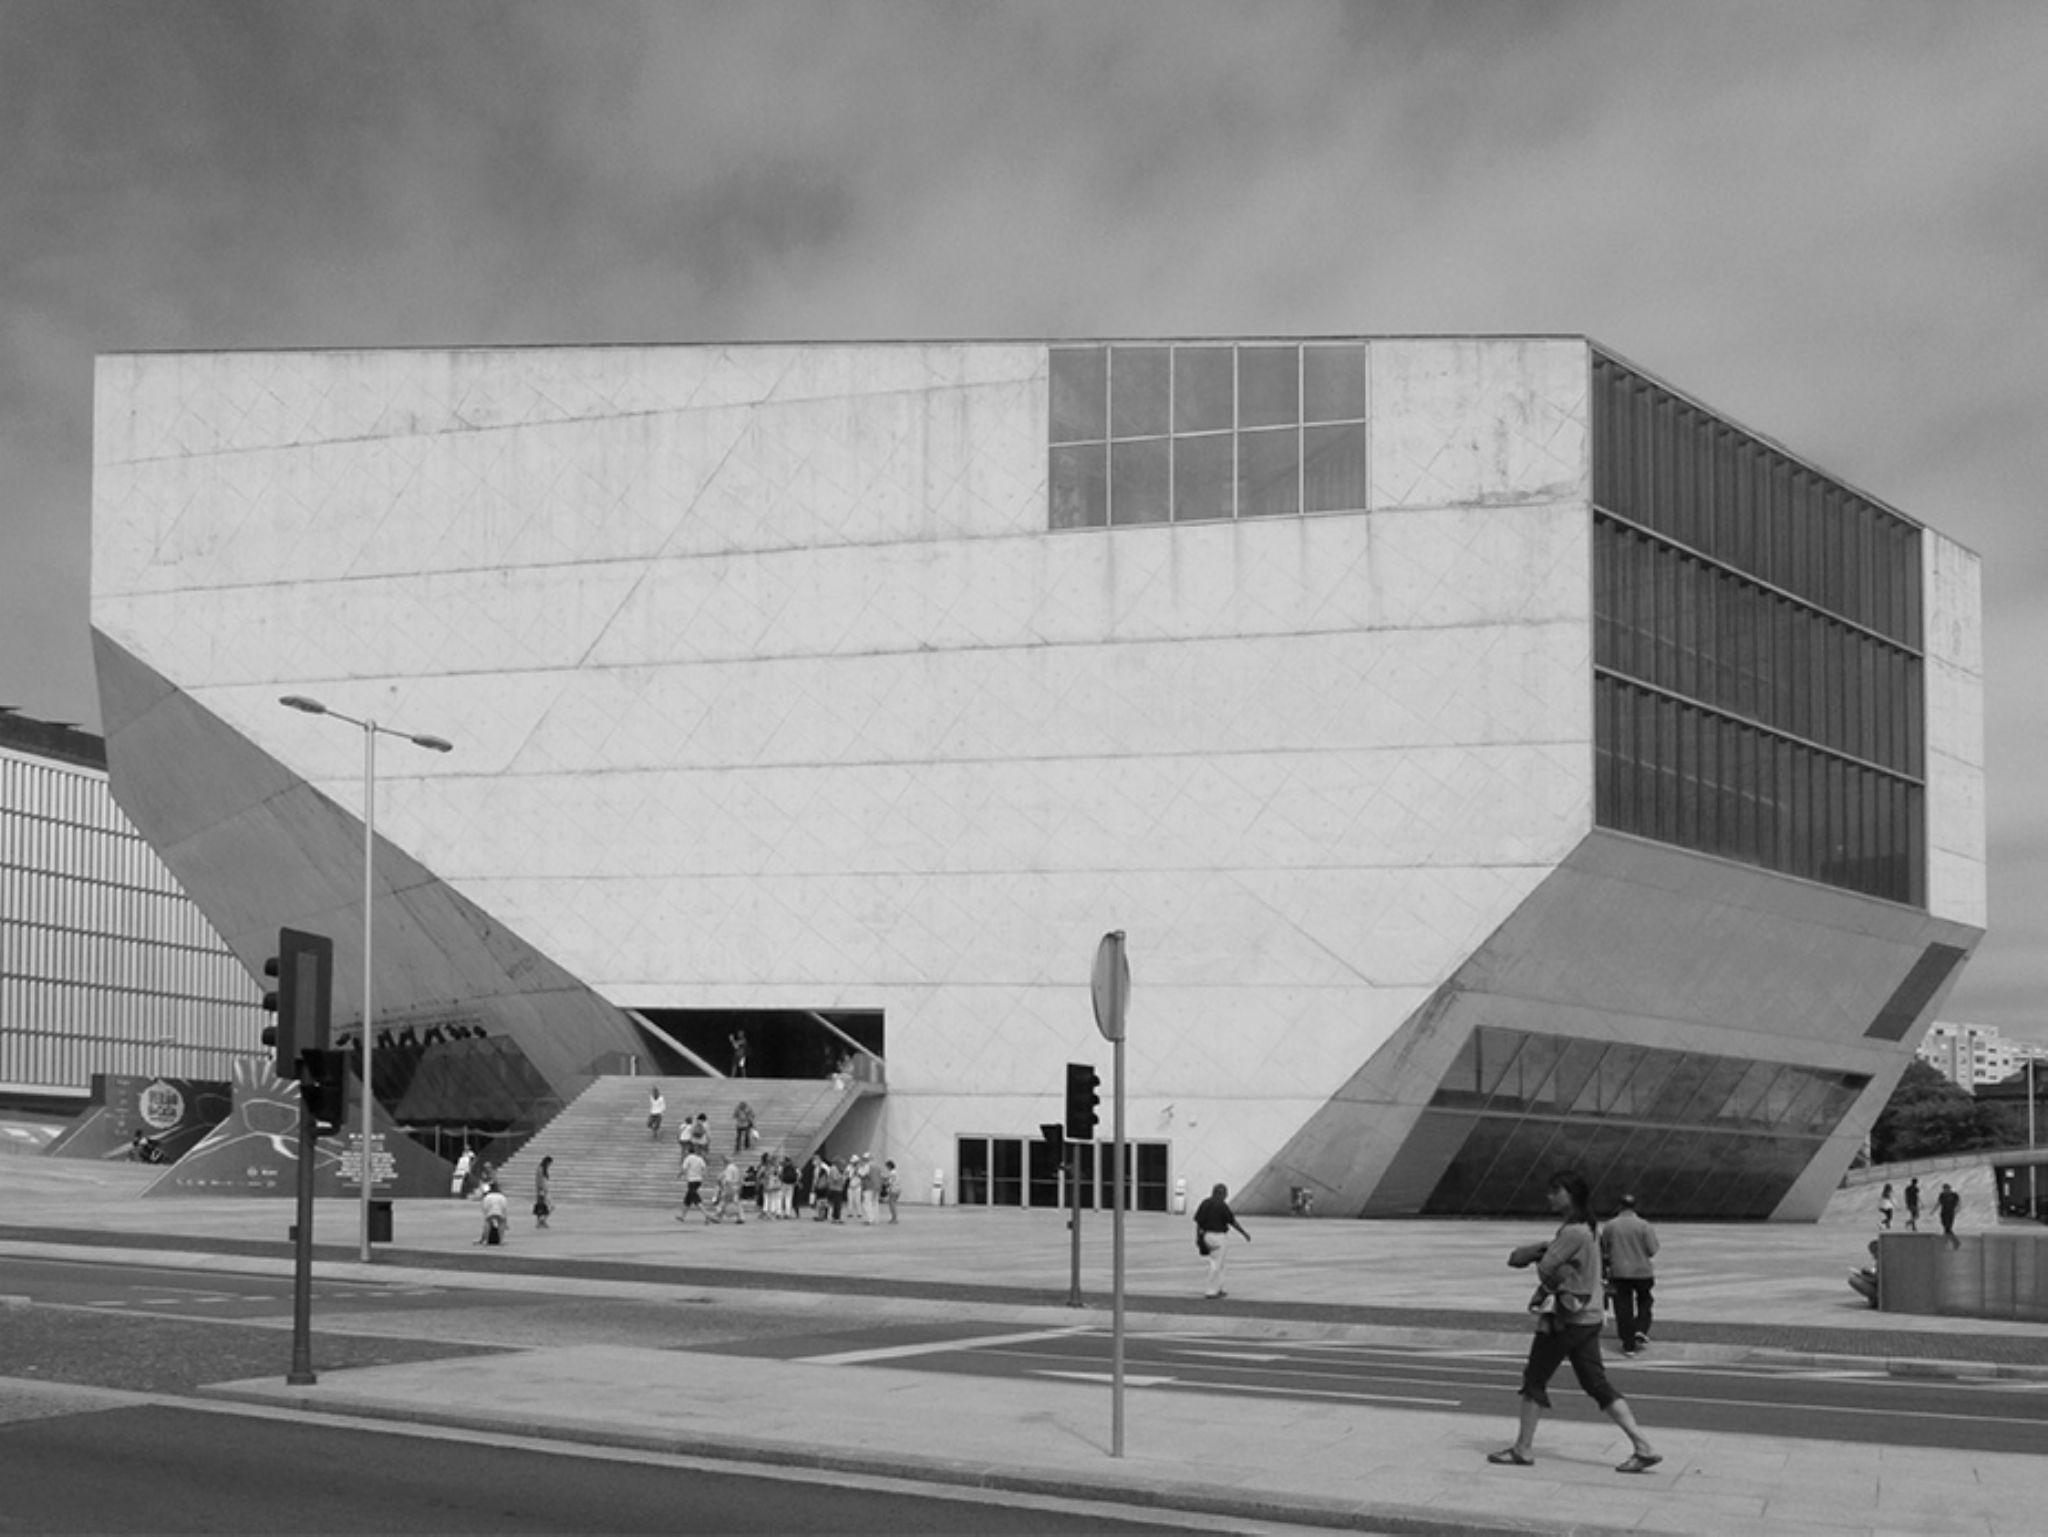 Casa da Música Porto_14092014 by Carlos Gamelas